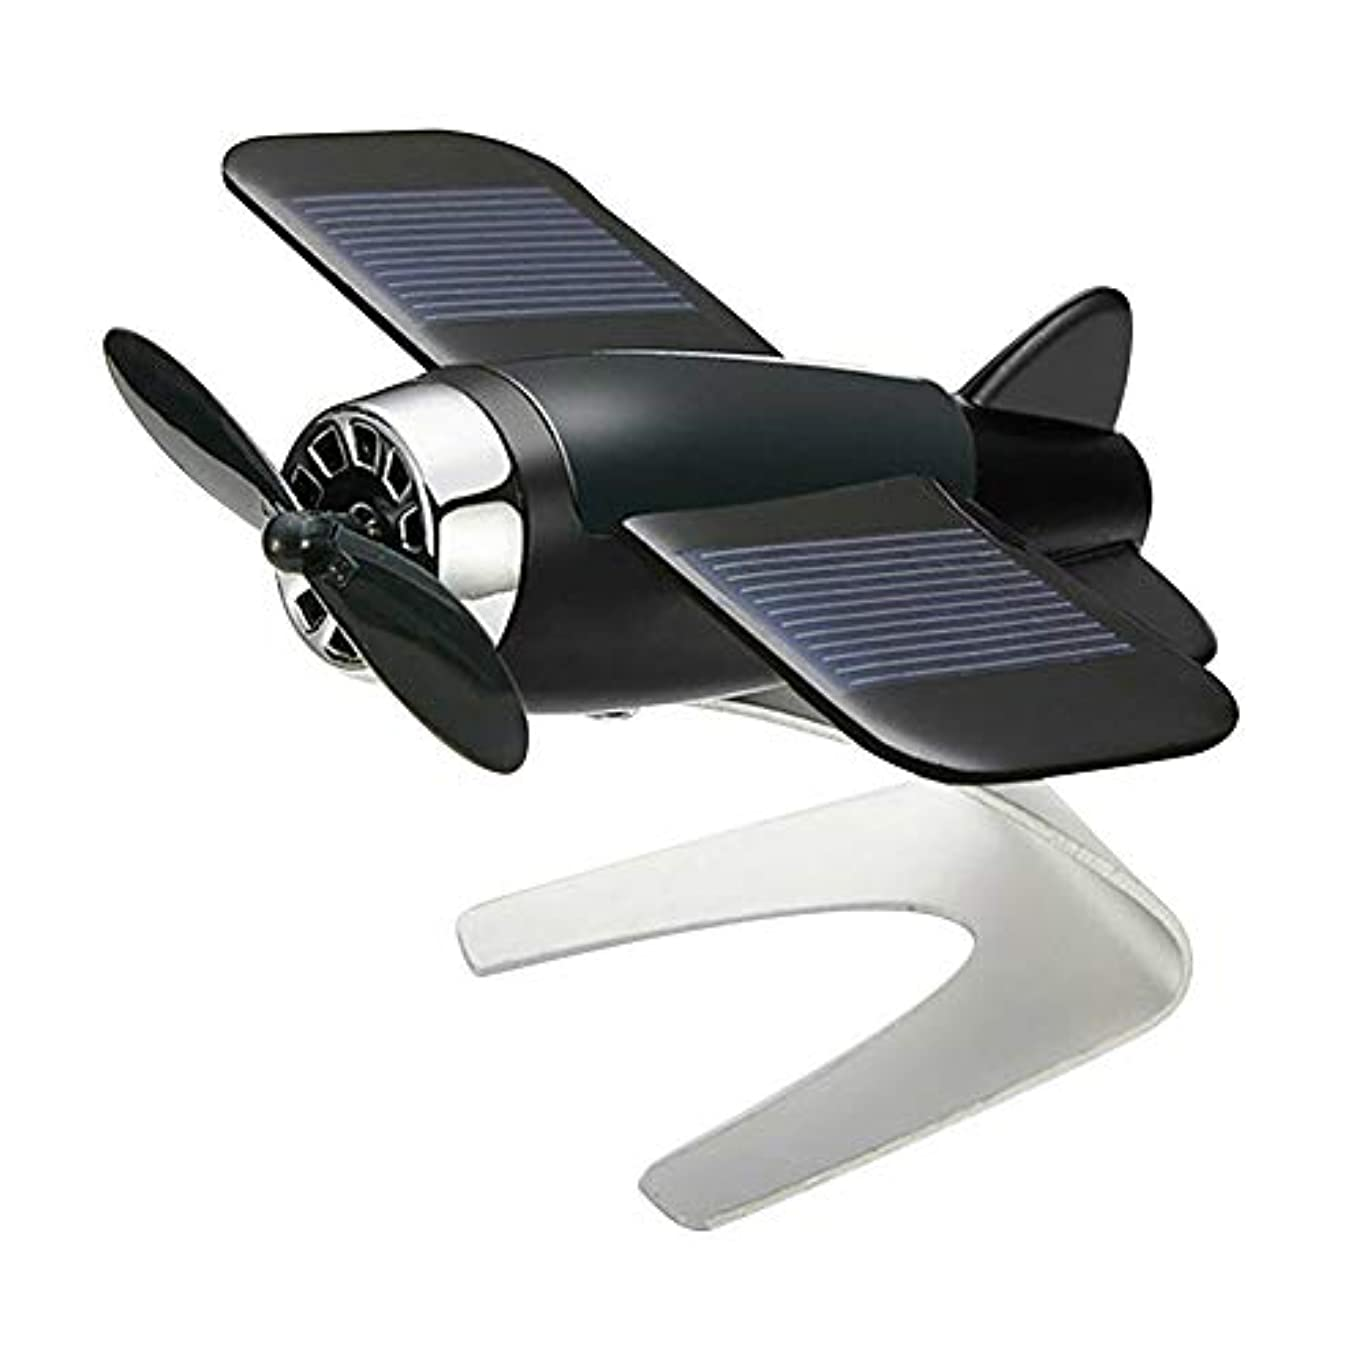 呼ぶ調整するオーバードローSymboat 車の芳香剤飛行機航空機モデル太陽エネルギーアロマテラピー室内装飾